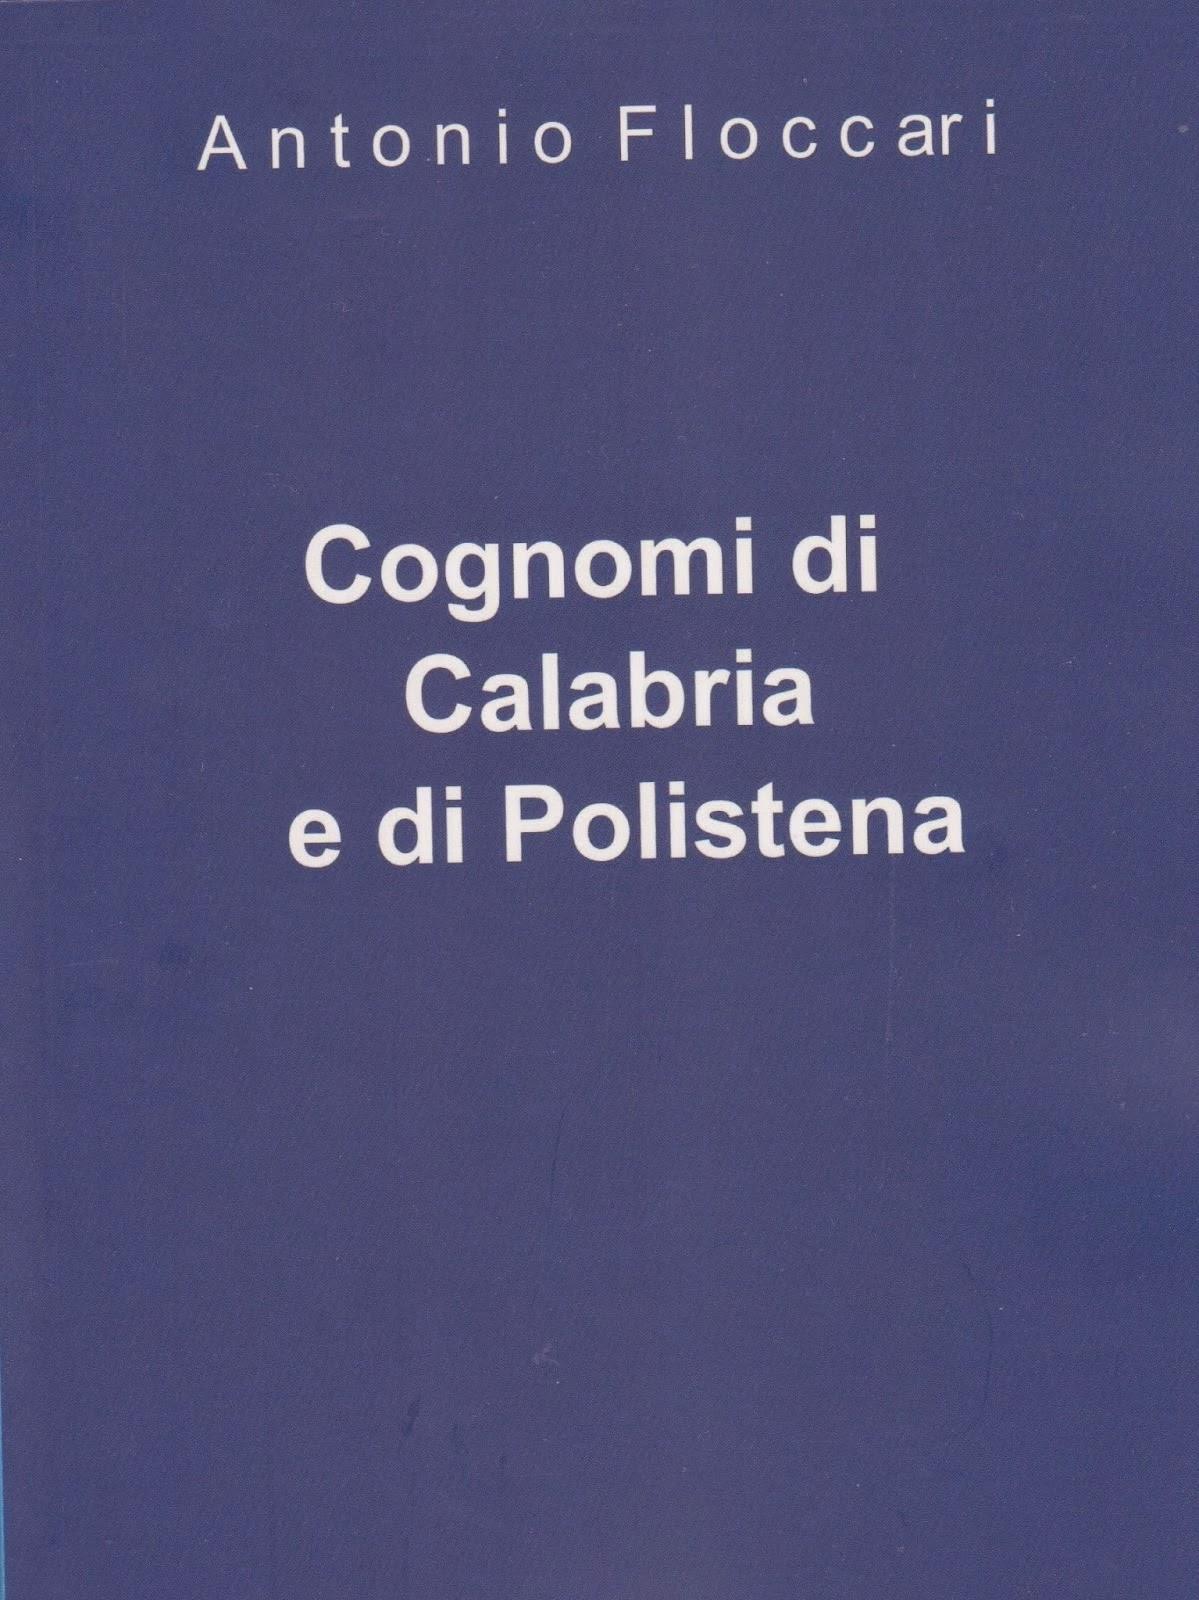 Cognomi di Calabria e Polistena